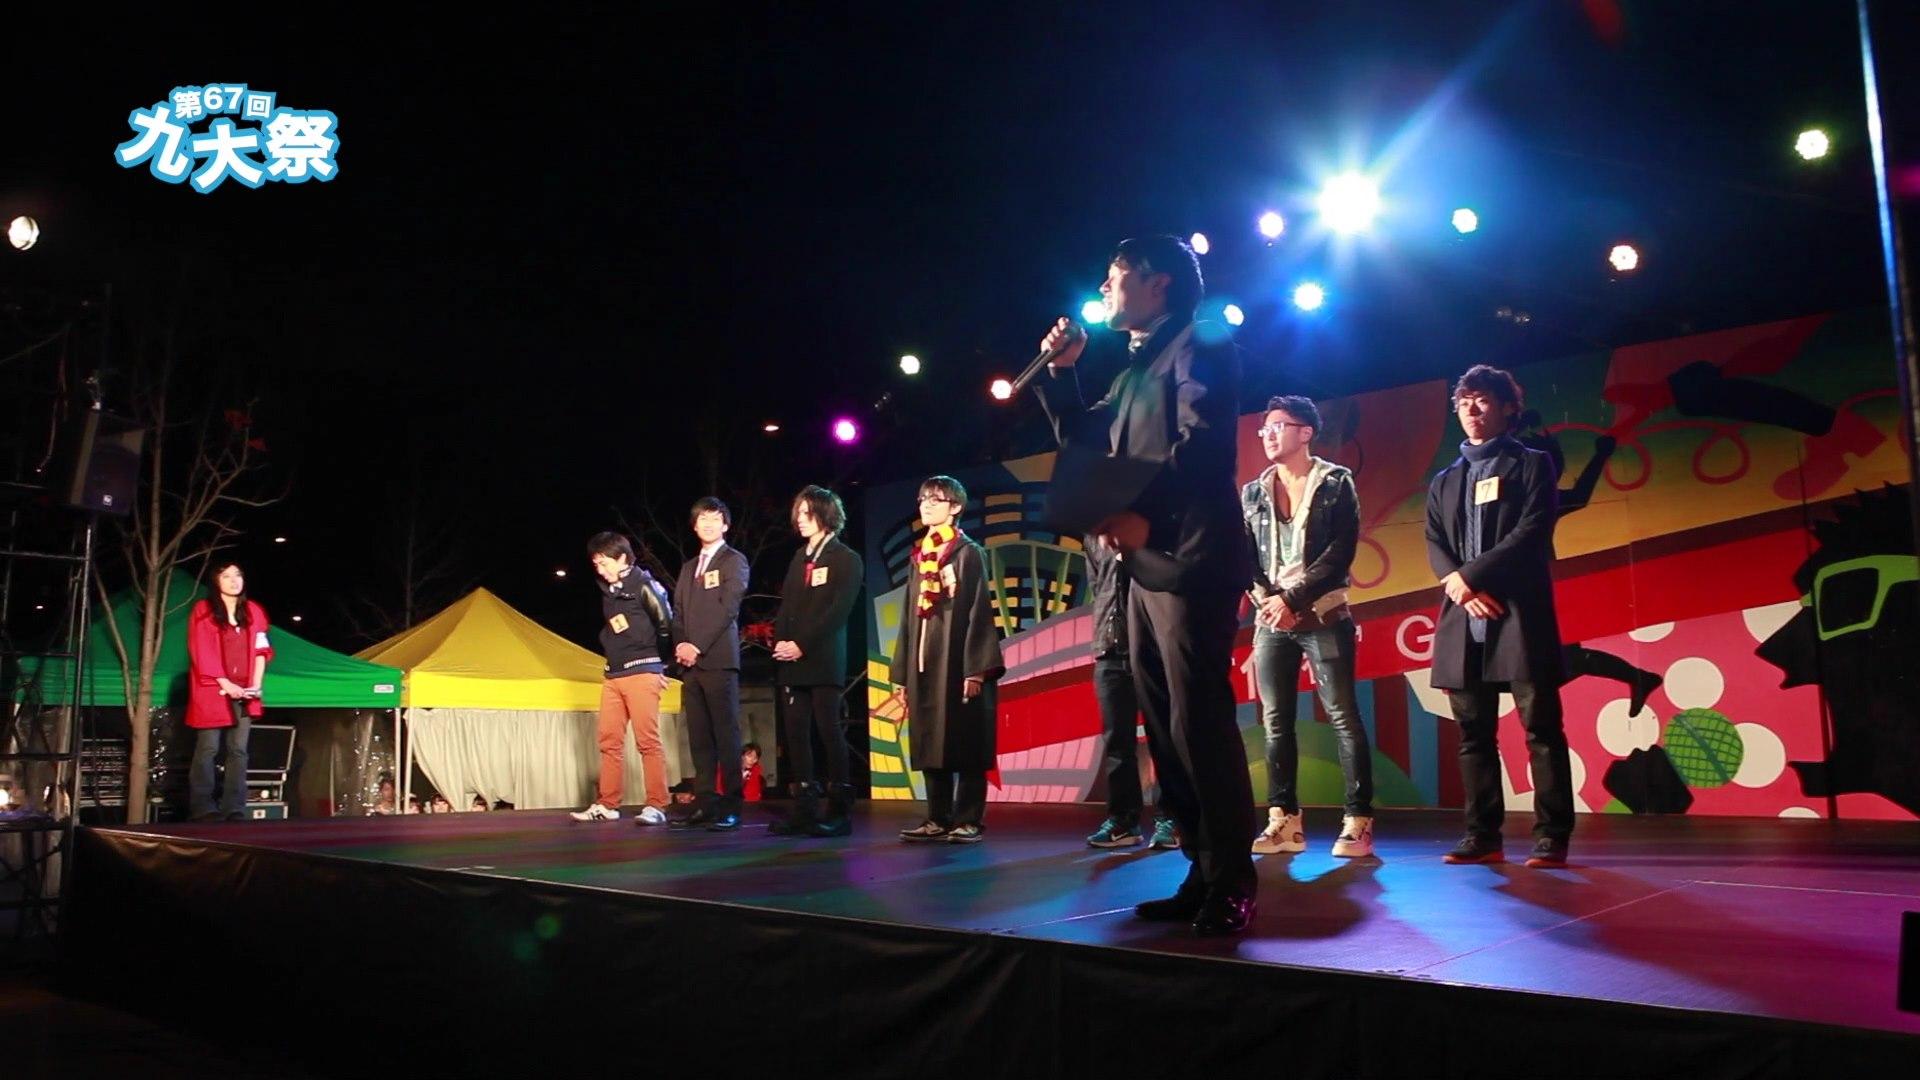 第67回 九州大学学祭.mov_000562753